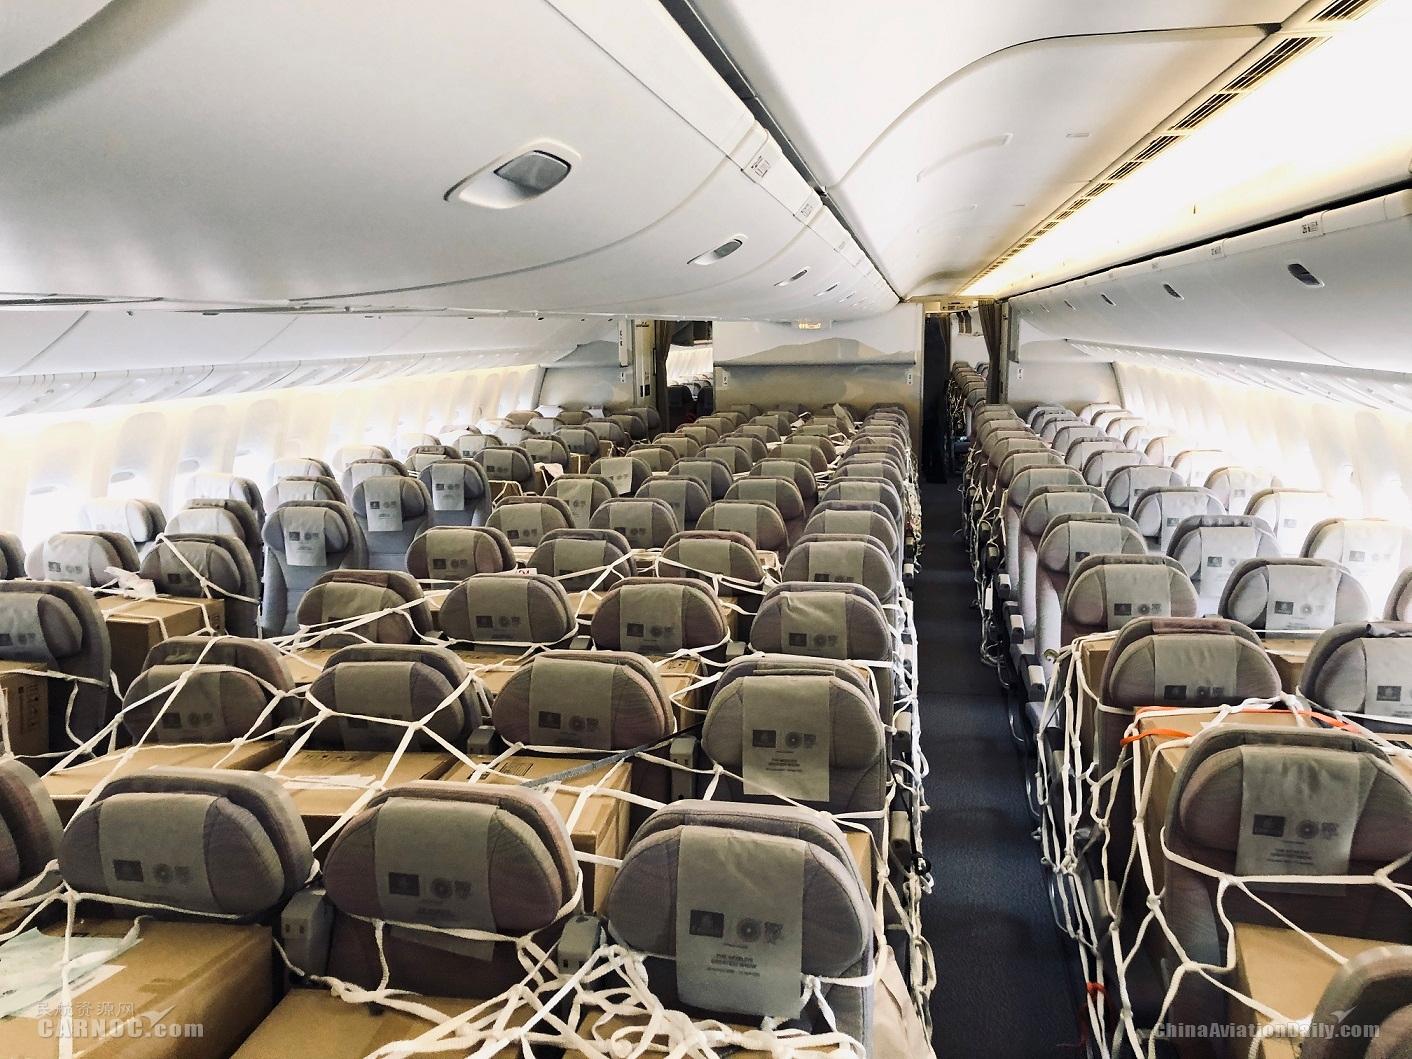 阿联酋航空SkyCargo货运部优化航班运力